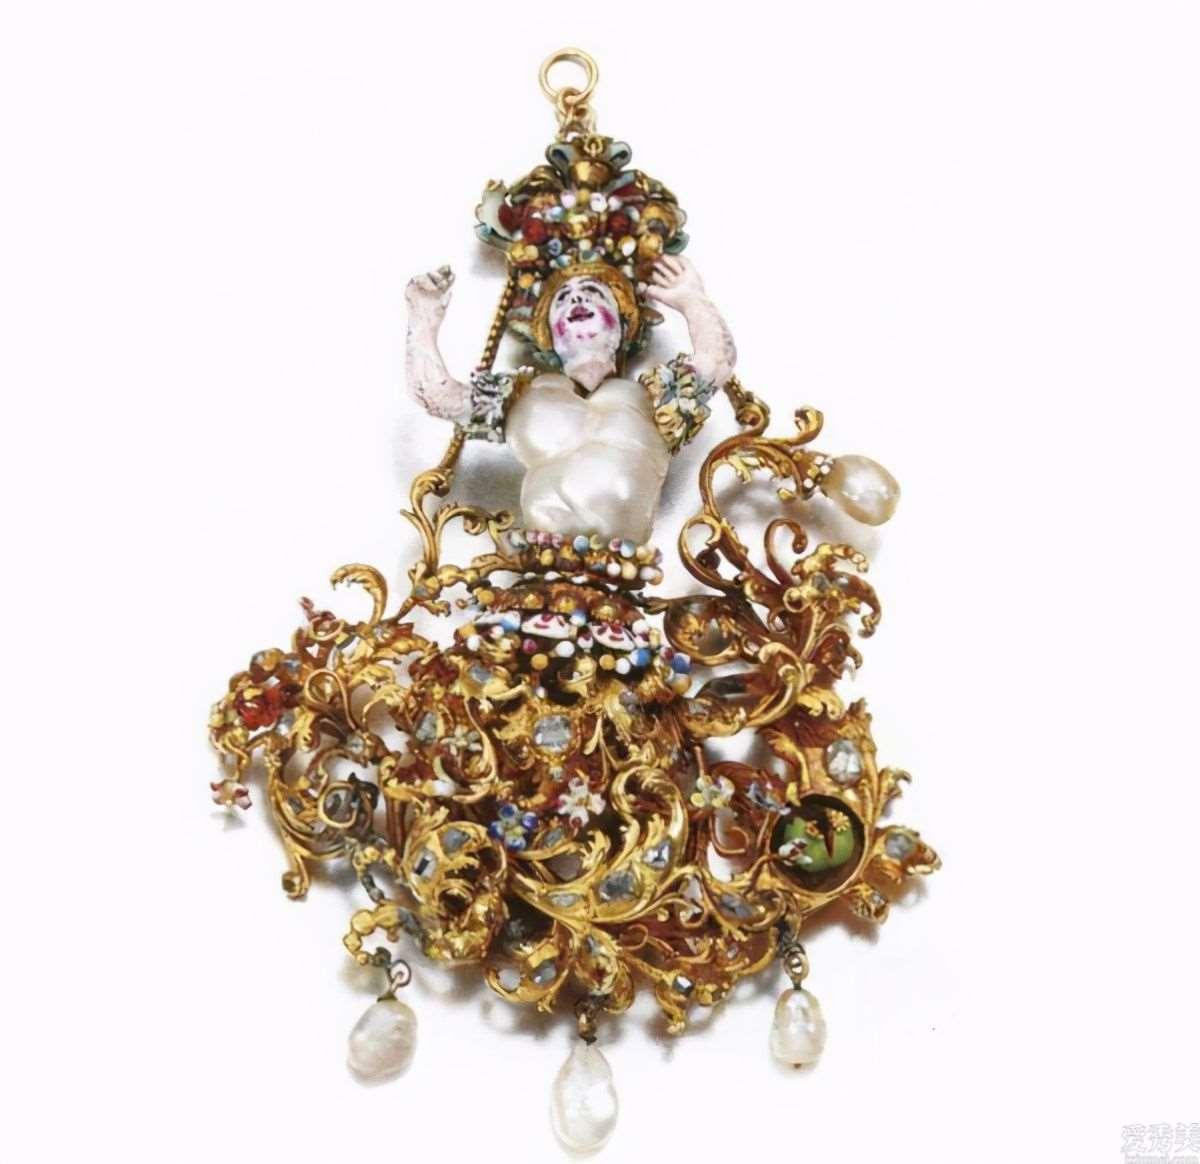 欧美国家的古典珠宝首饰,张扬的奢侈感,让人禁不住惊叹古时候人们的聪慧